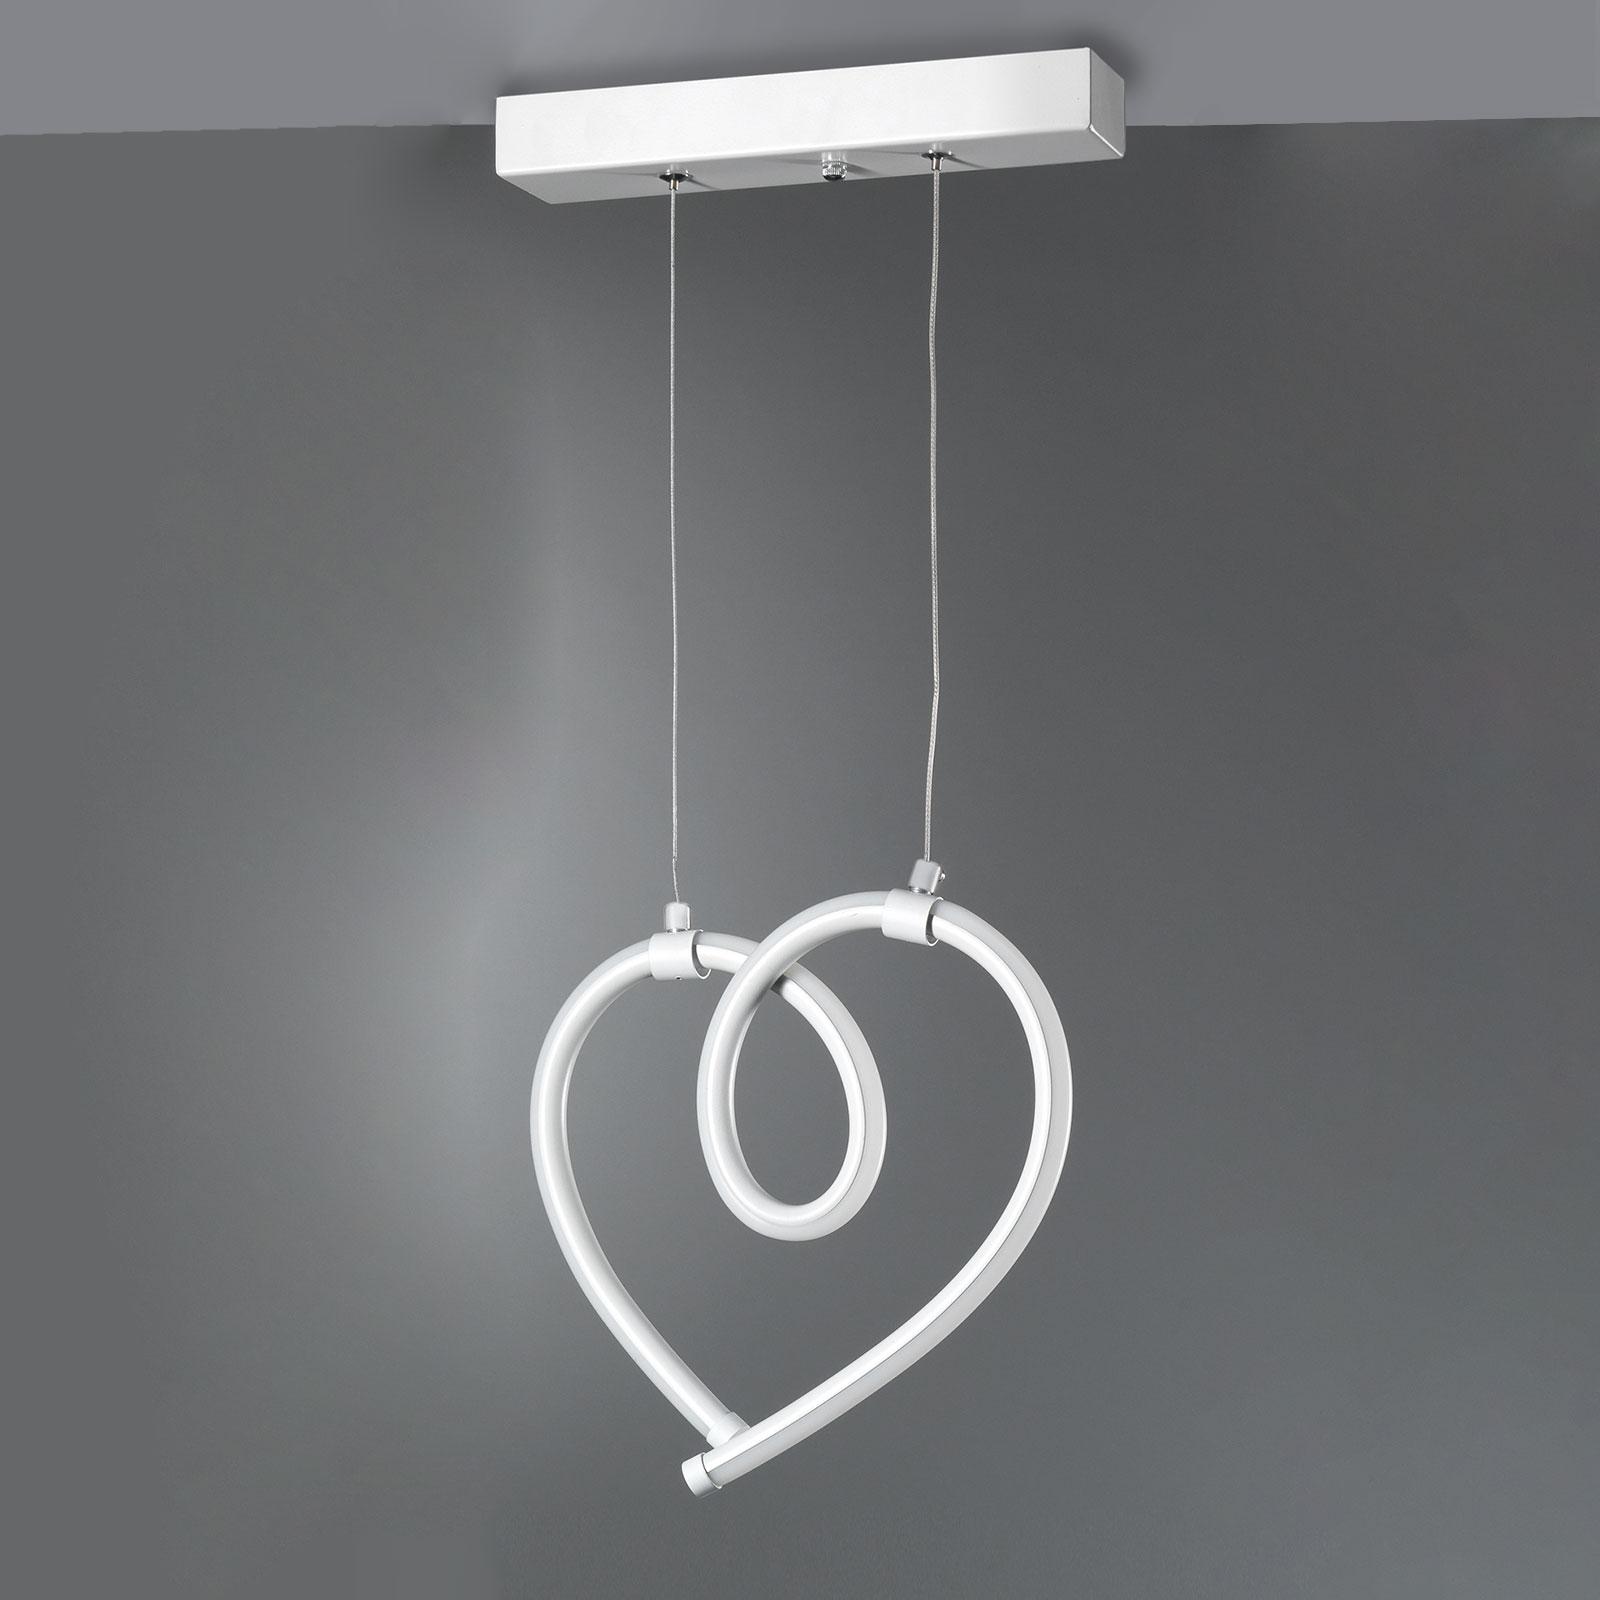 Cuoricini LED-hengelampe med et hjerte, 26 cm